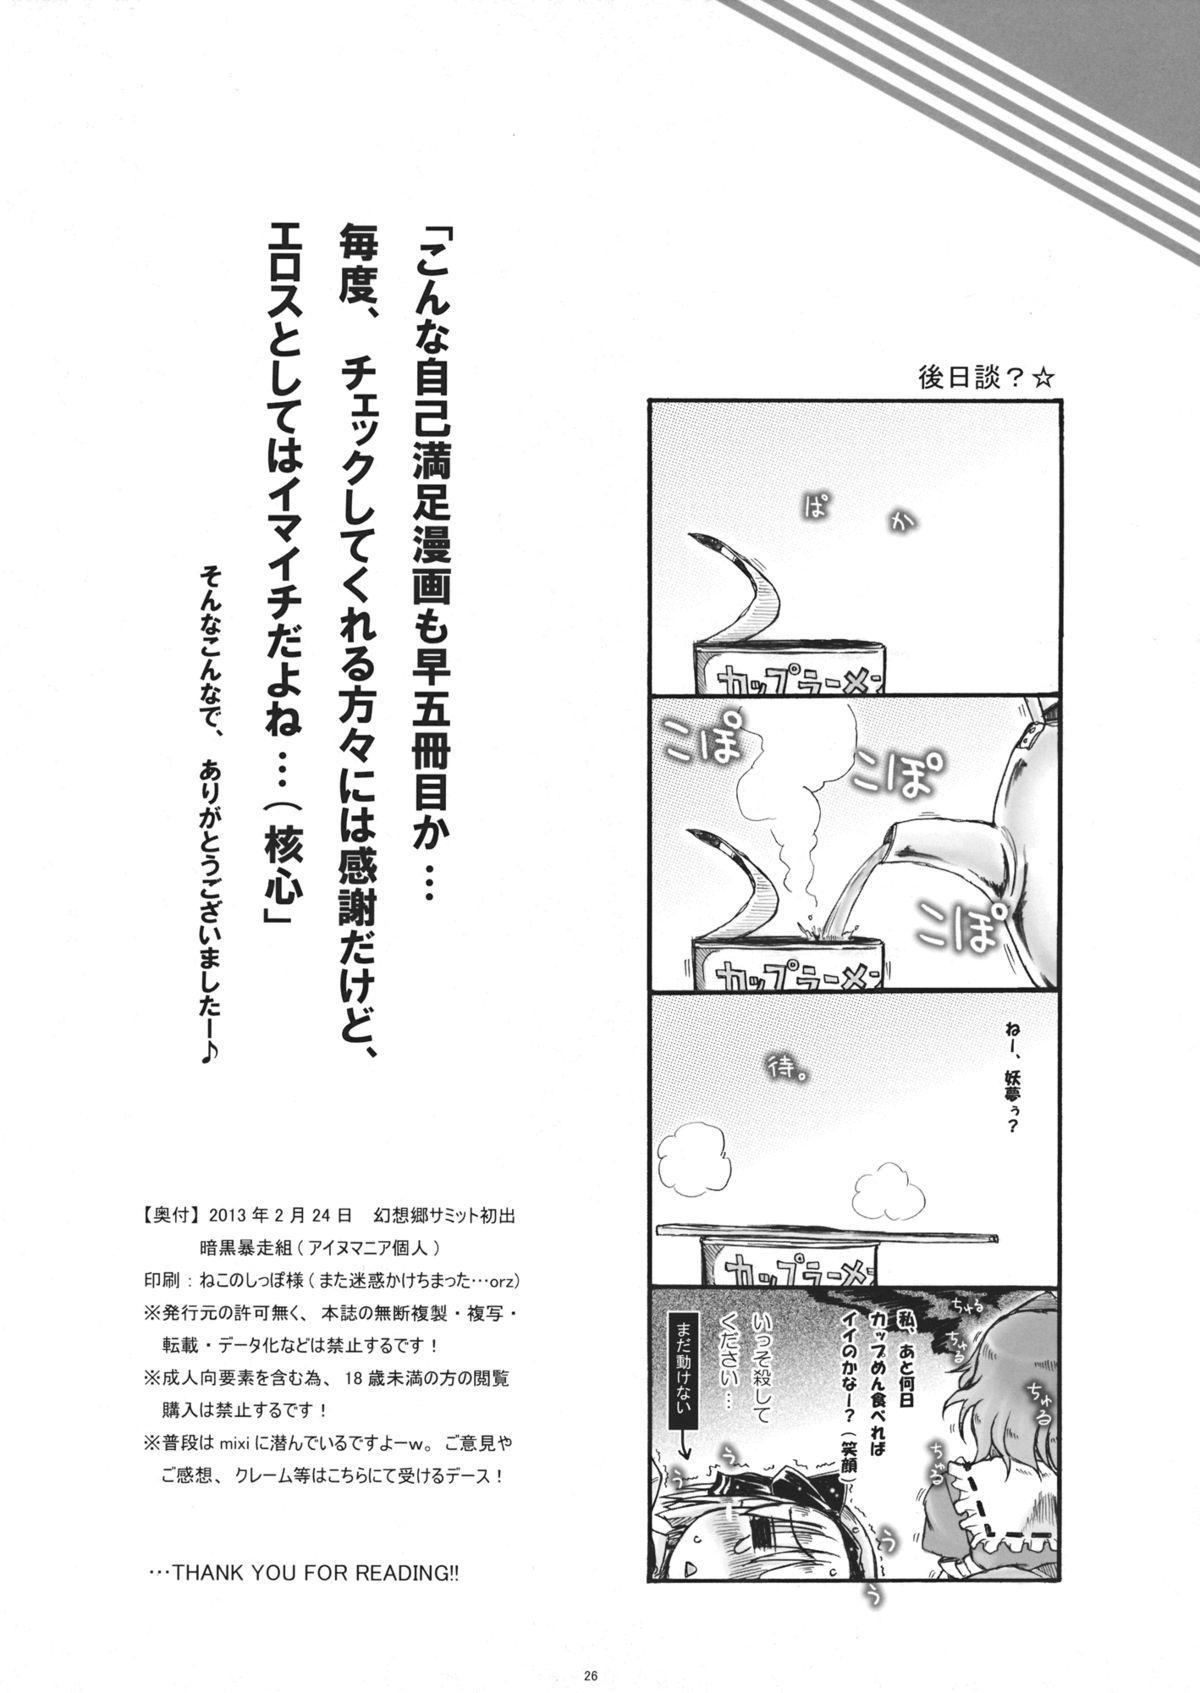 Myon na Kayoizuma 5 Yome, Mui chai mashita. 24